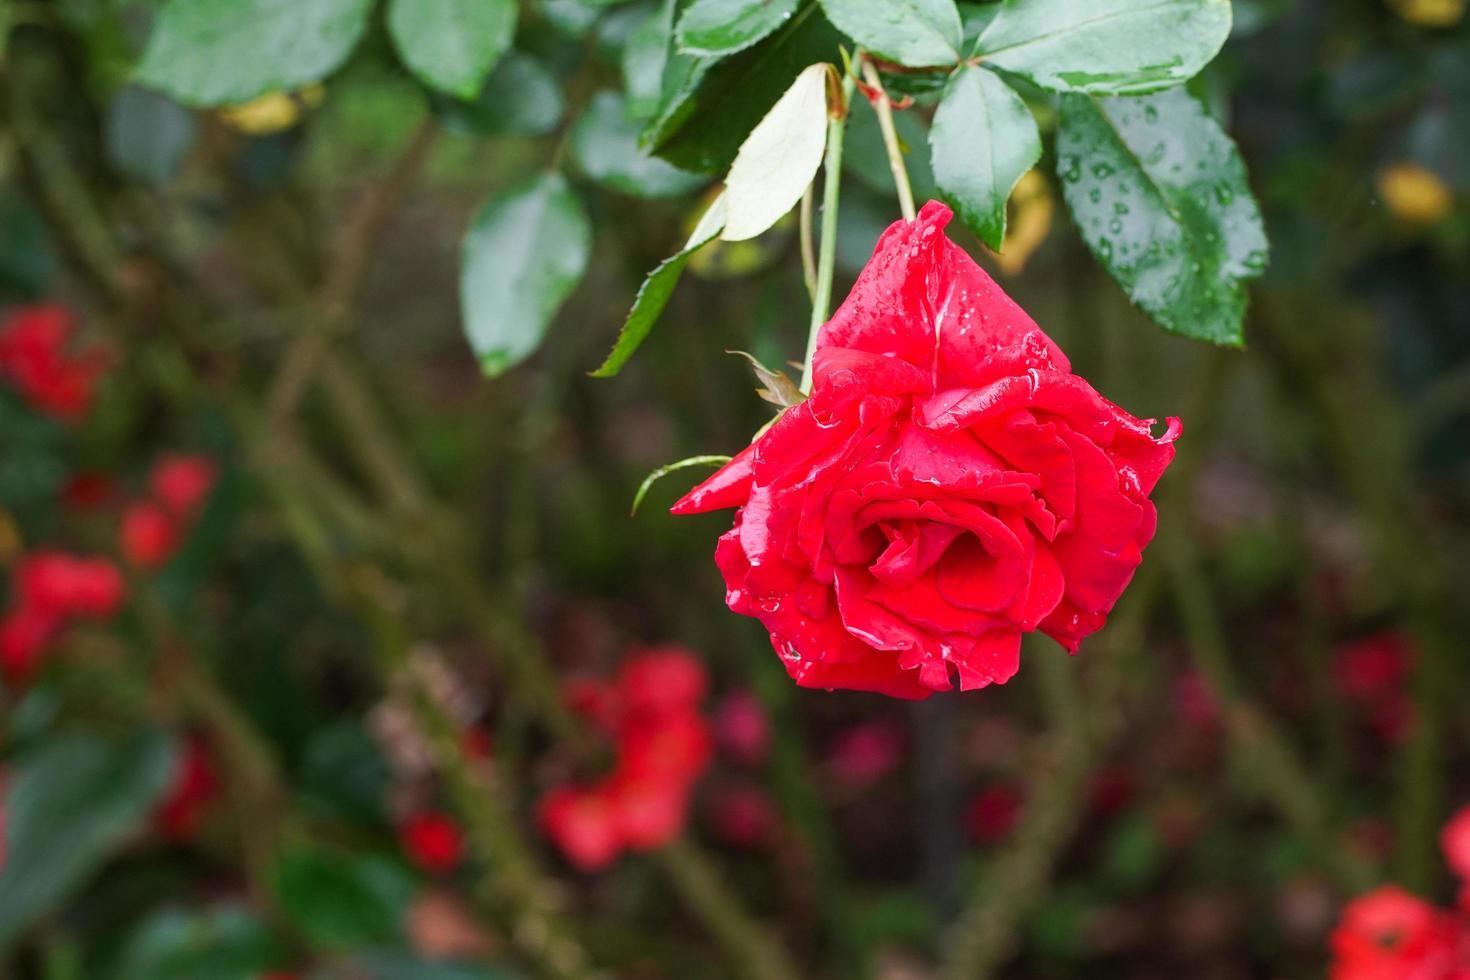 rosa in fiore nel giardino foto